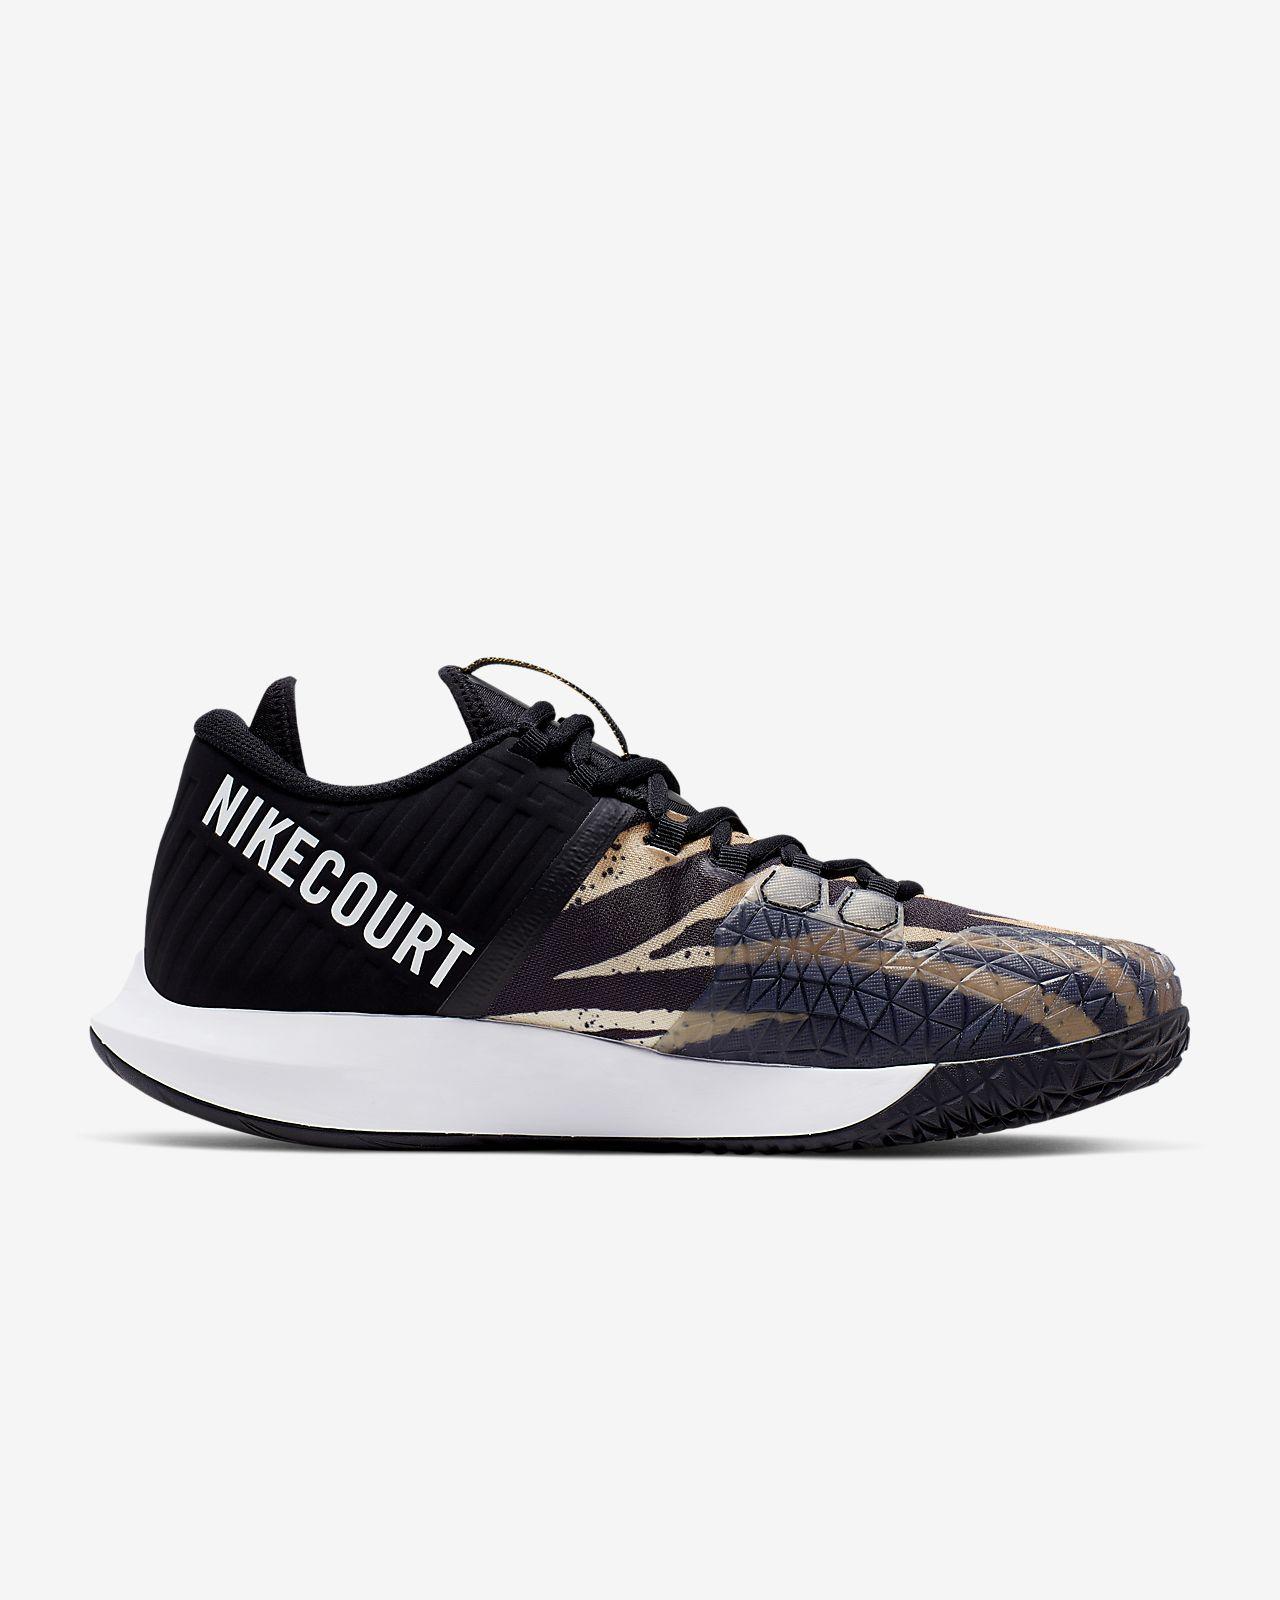 ce0cc99acbce Chaussure de tennis NikeCourt Air Zoom Zero pour Homme. Nike.com FR